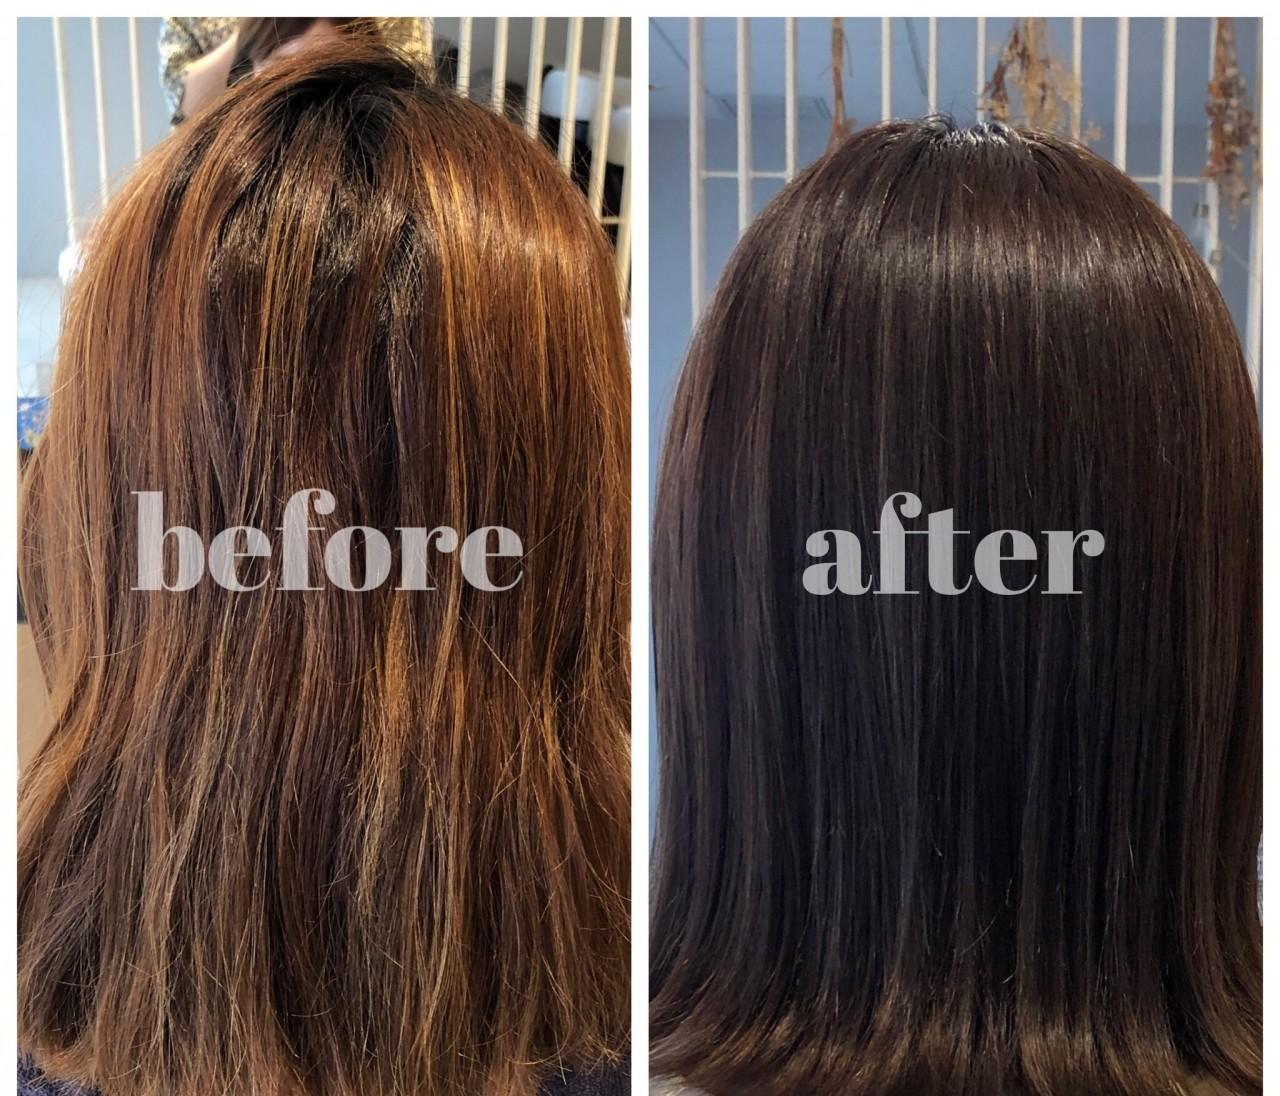 夏にオススメ‼︎暗髪なのに透明感ある涼しげヘアカラー